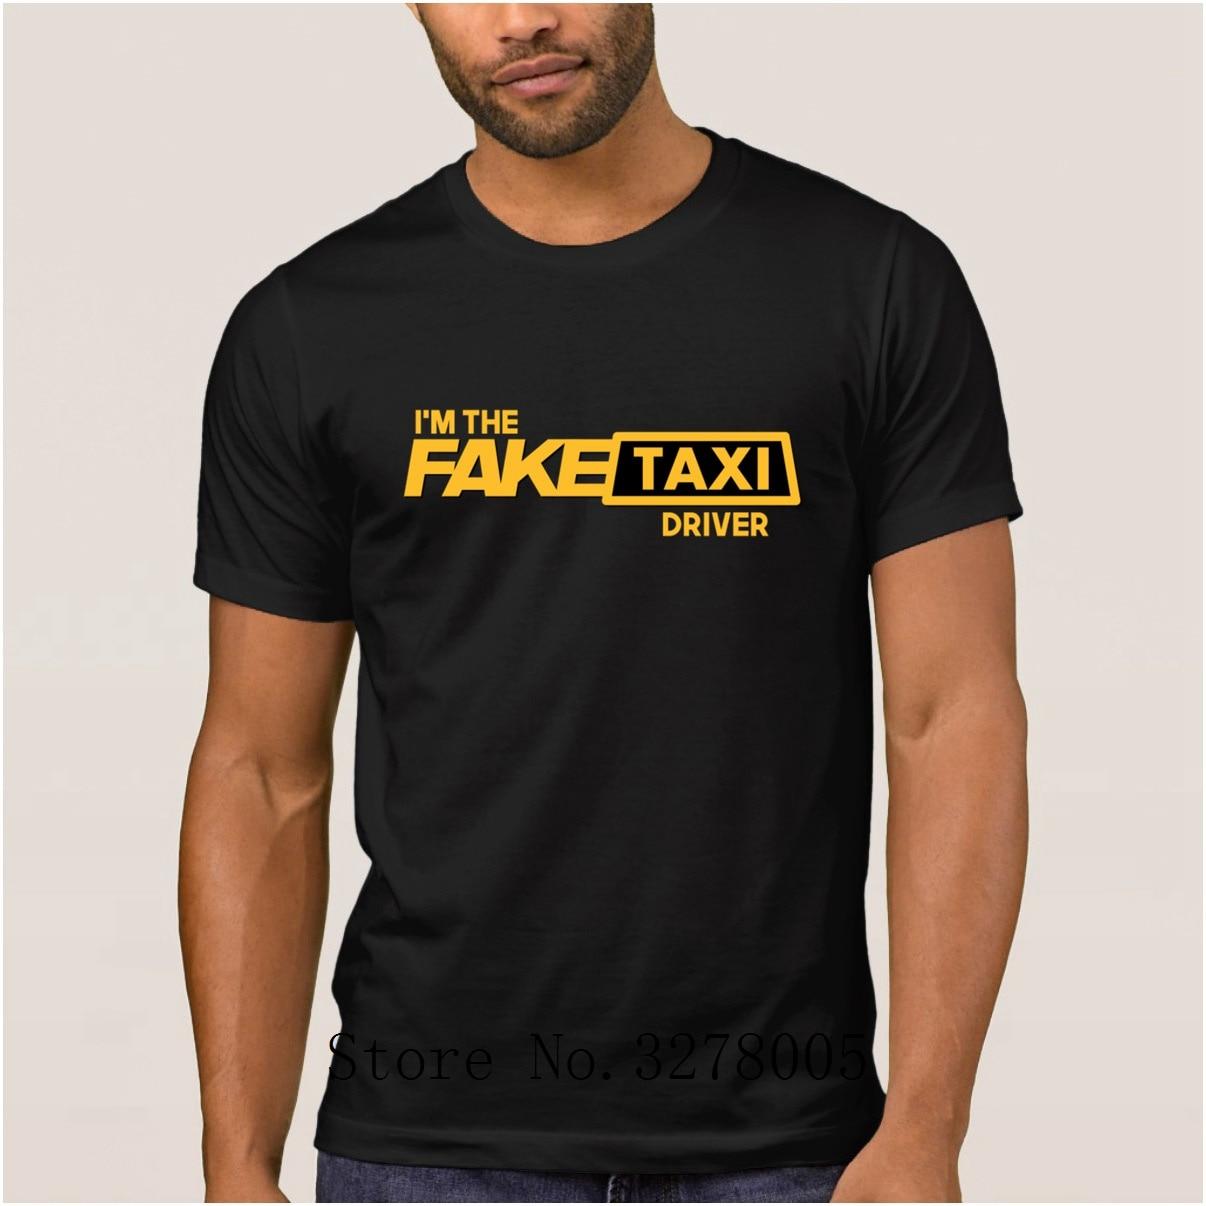 Marca La Maxpa Fresco Mens Camiseta Falso Motorista de Táxi Regular T-Shirt Tshirt à luz do Sol 100% Roupas de Algodão Dos Homens da Qualidade Superior